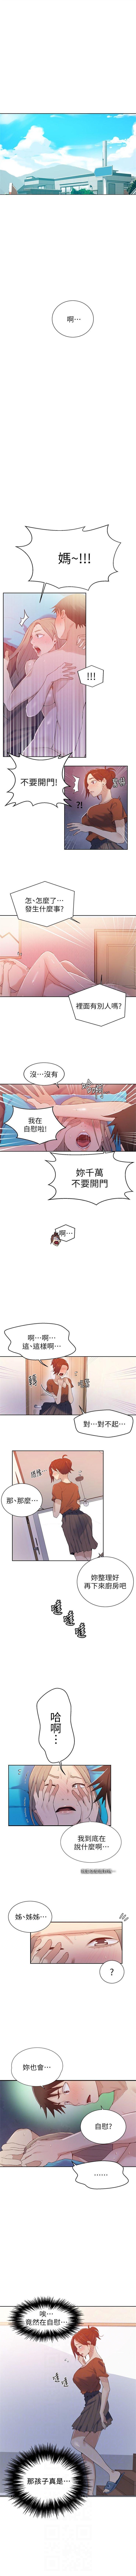 秘密教學  1-50 官方中文(連載中) 115